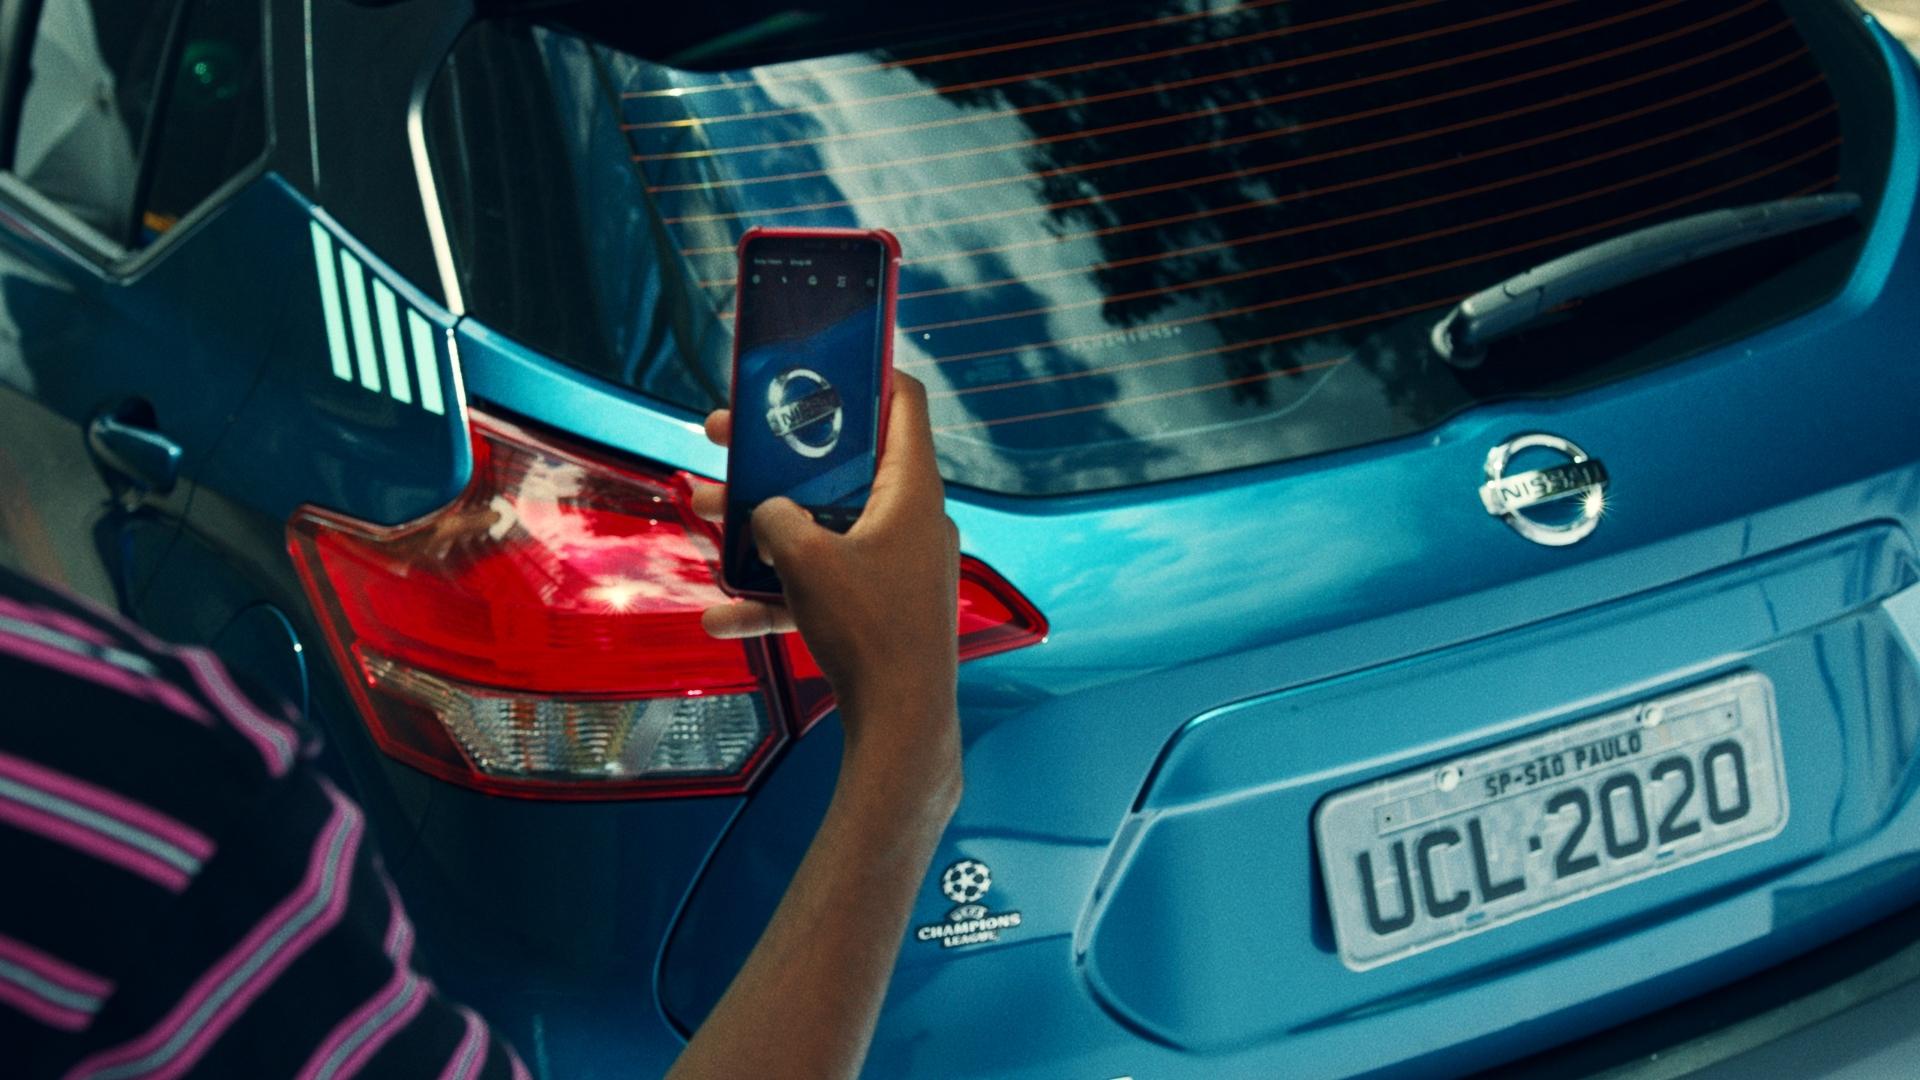 """Nissan escuta consumidores e lança """"Nissan Scan"""" 3.0 para ativar patrocínio à UEFA Champions League"""